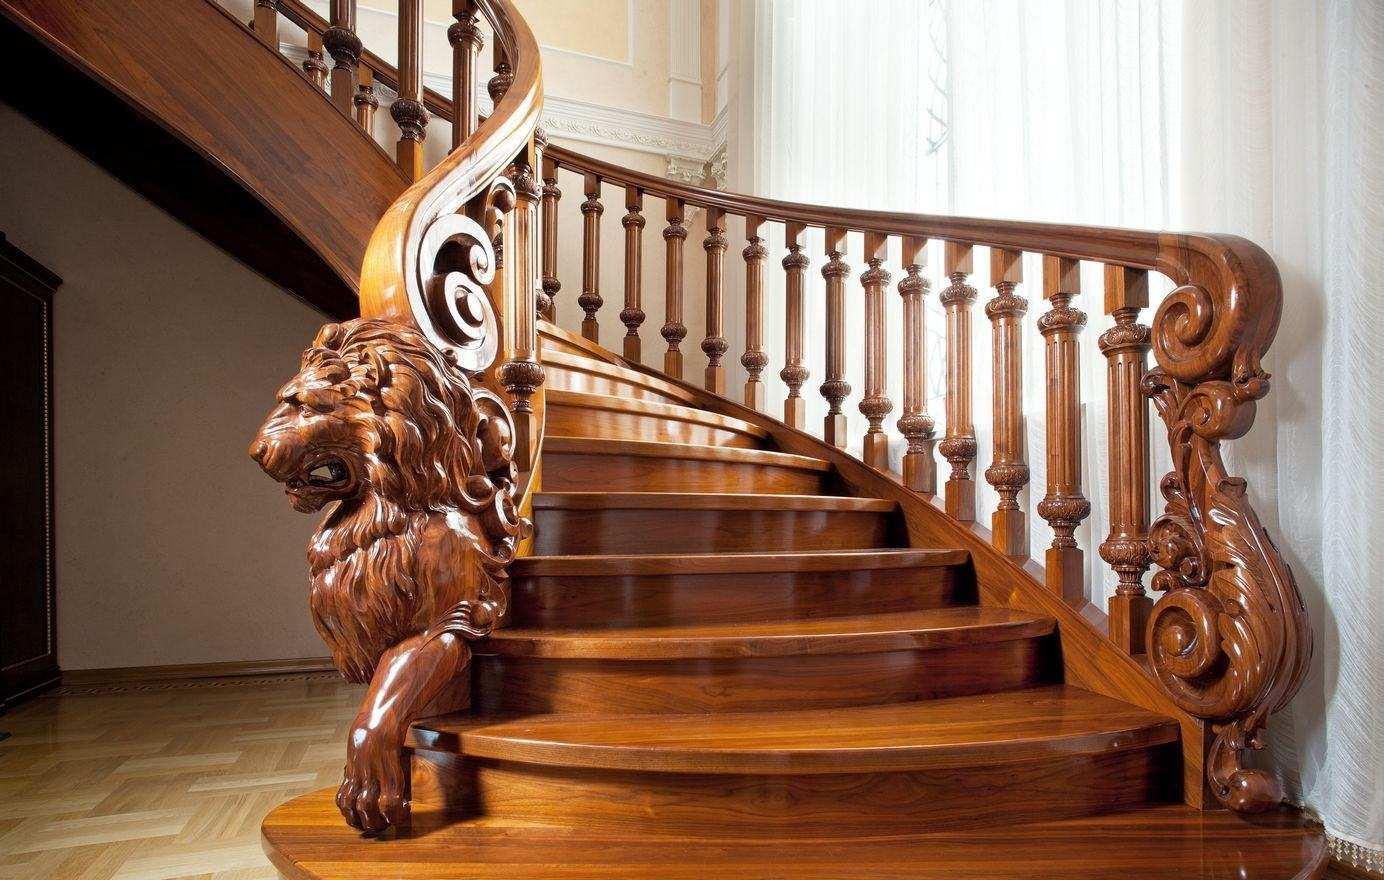 Деревянные перила для лестницы, сделанные своими руками: изготовление балясин, поручней, монтаж деталей